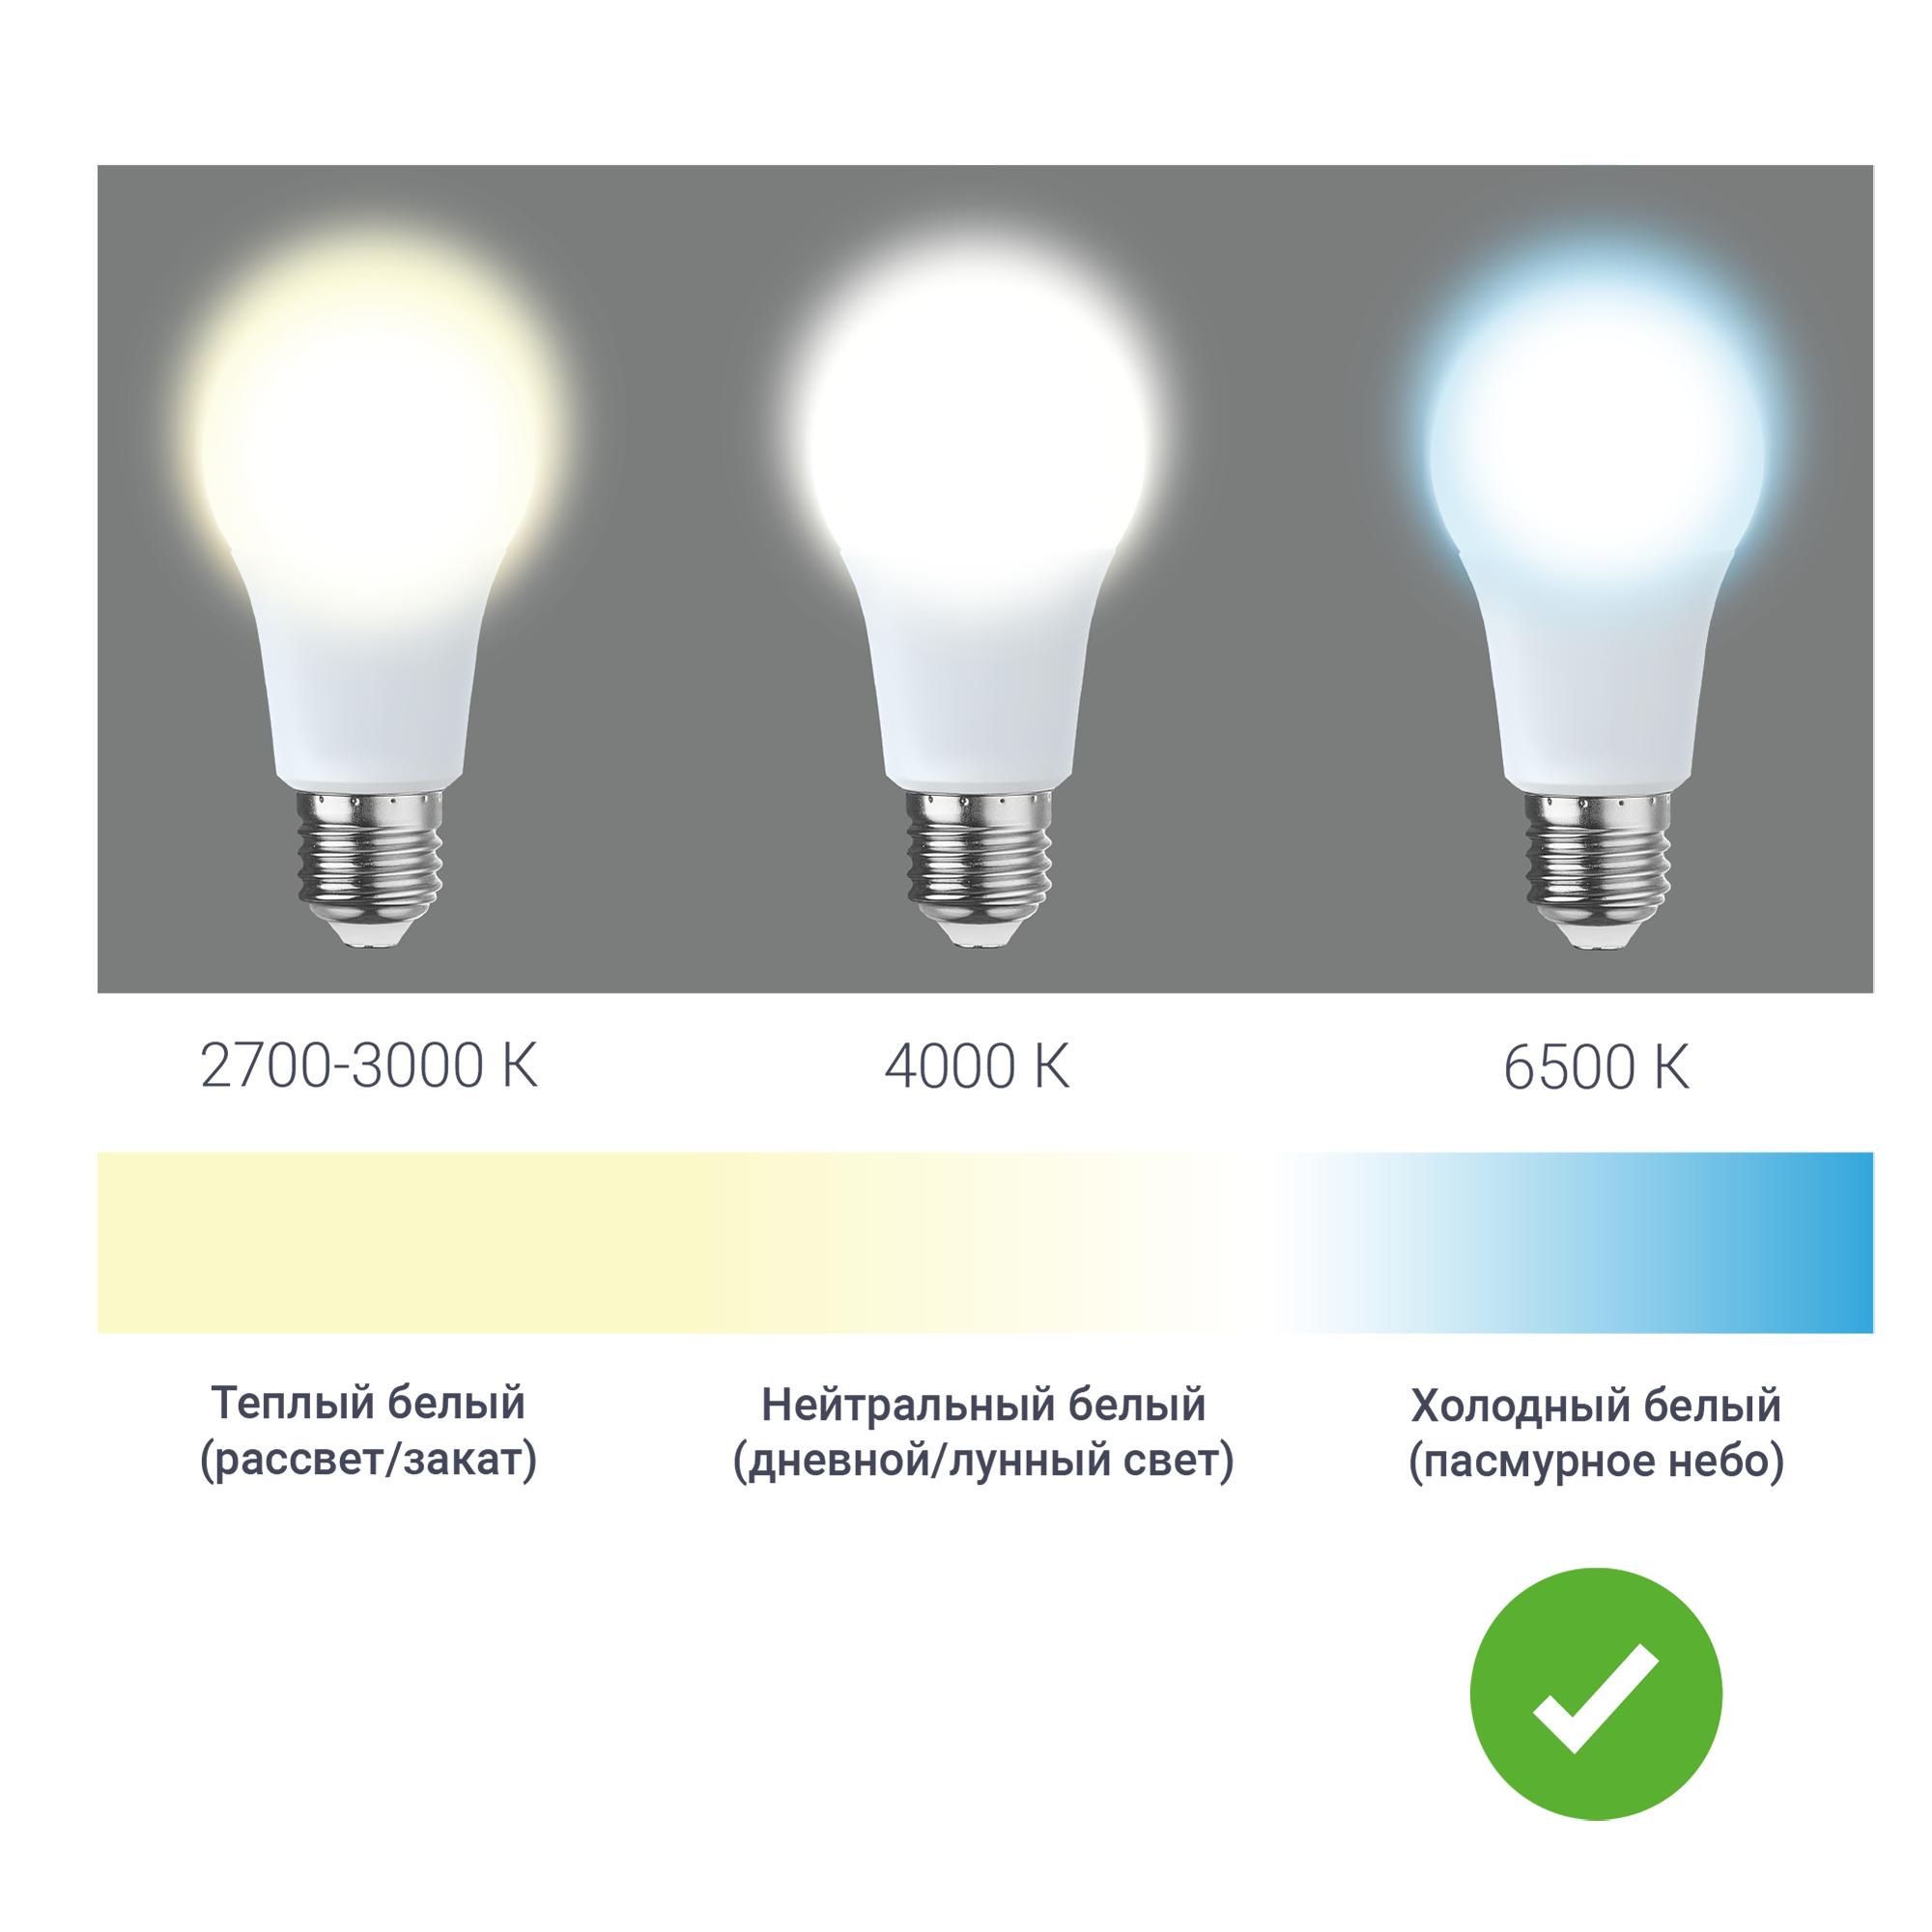 Лампа светодиодная Gauss Basic T140 E40 230 В 75 Вт матовая 7130 лм холодный белый свет